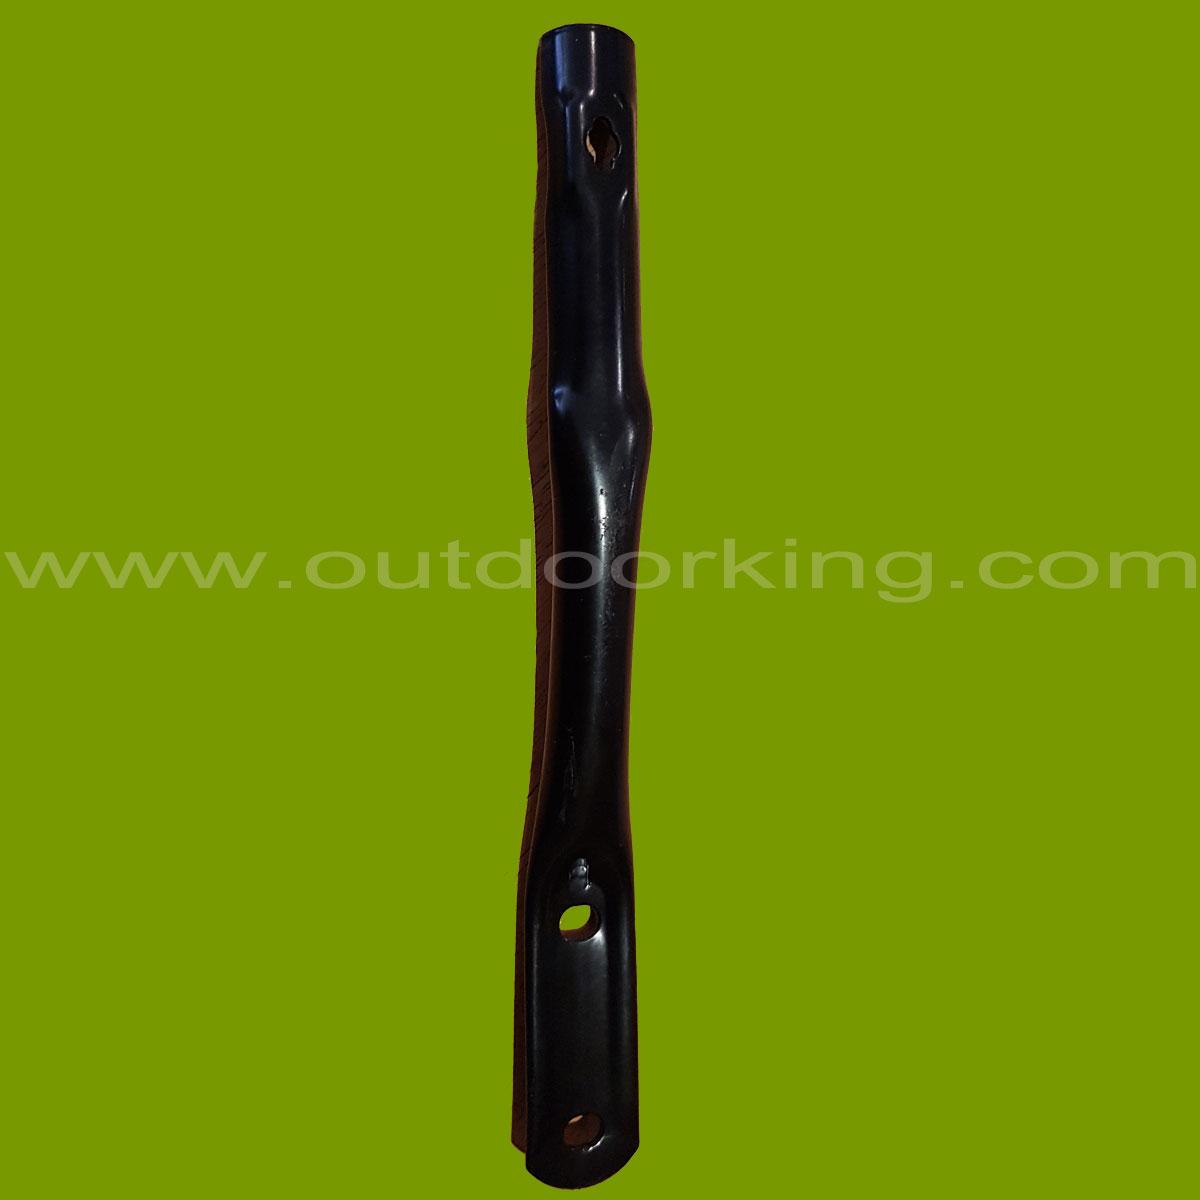 genuine rover lower handle bars black a03686p a03686p 0 00 rh outdoorking com